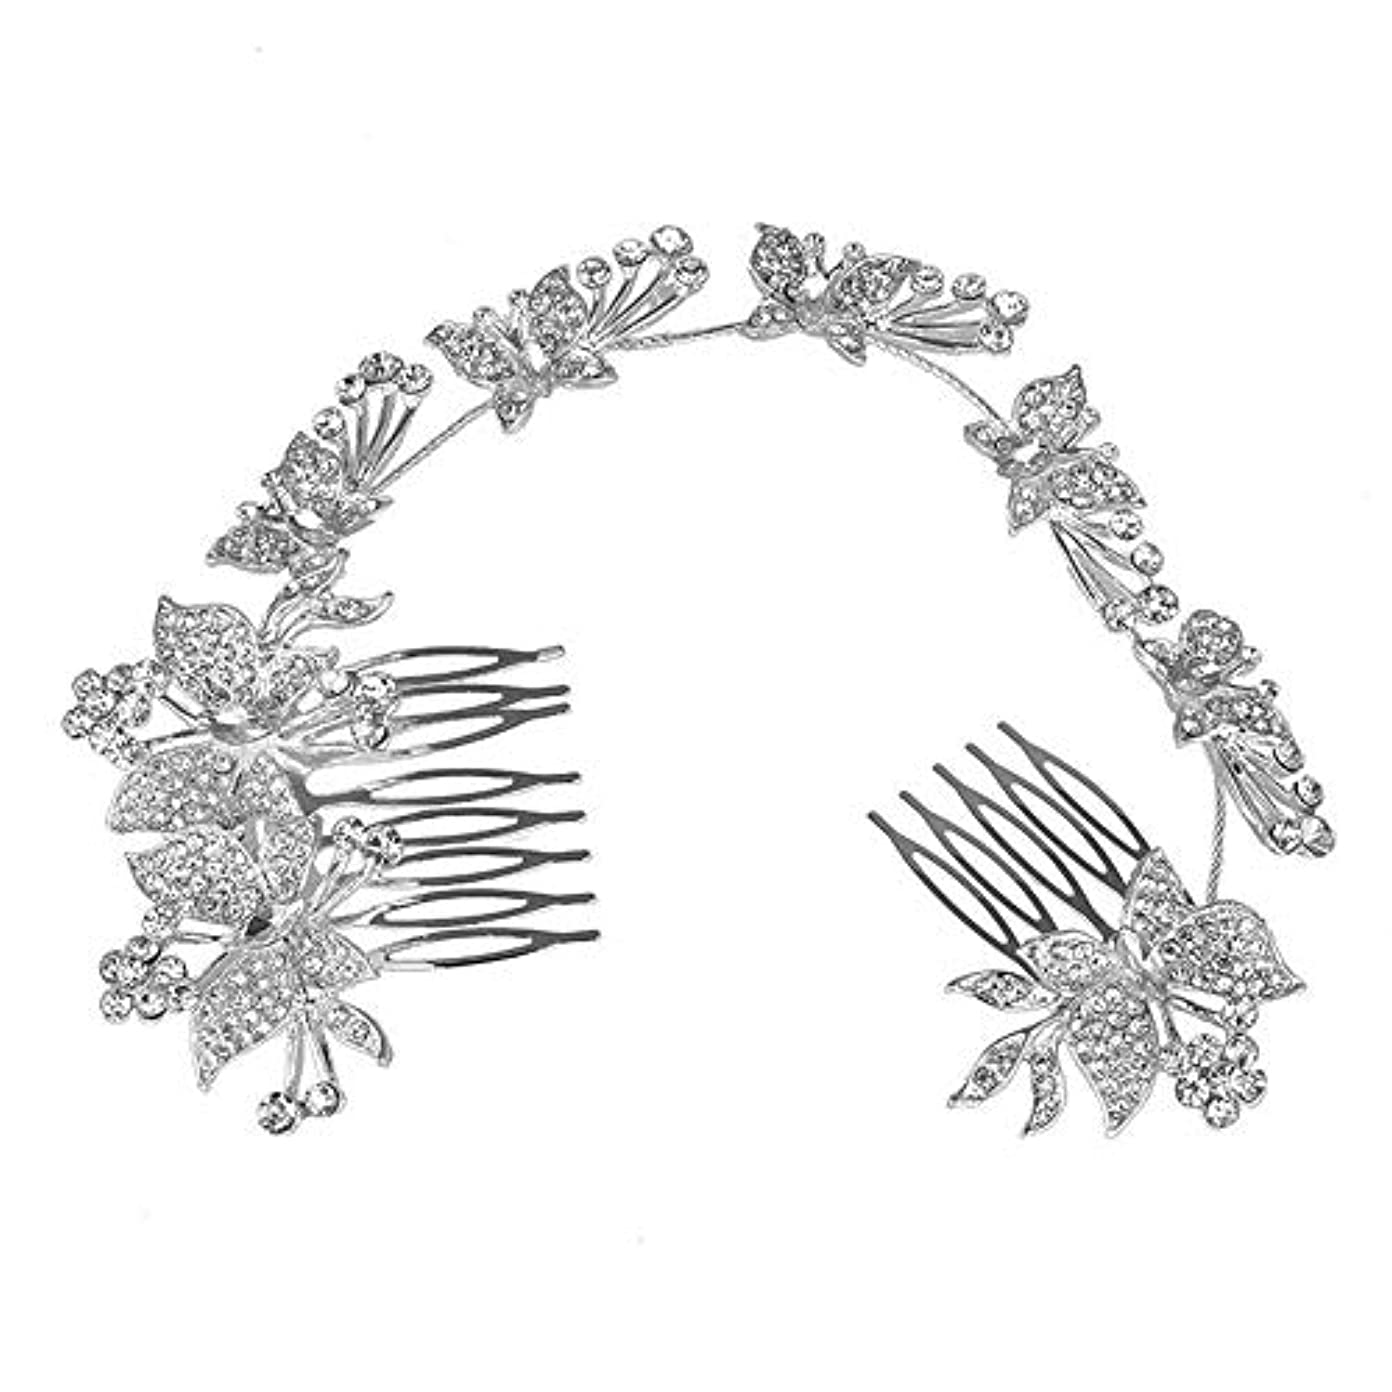 旅行者そばにエイリアス髪の櫛、櫛、蝶、髪の櫛、ブライダル髪の櫛、結婚式の髪の櫛、ラインストーンの櫛、ヘッドギア